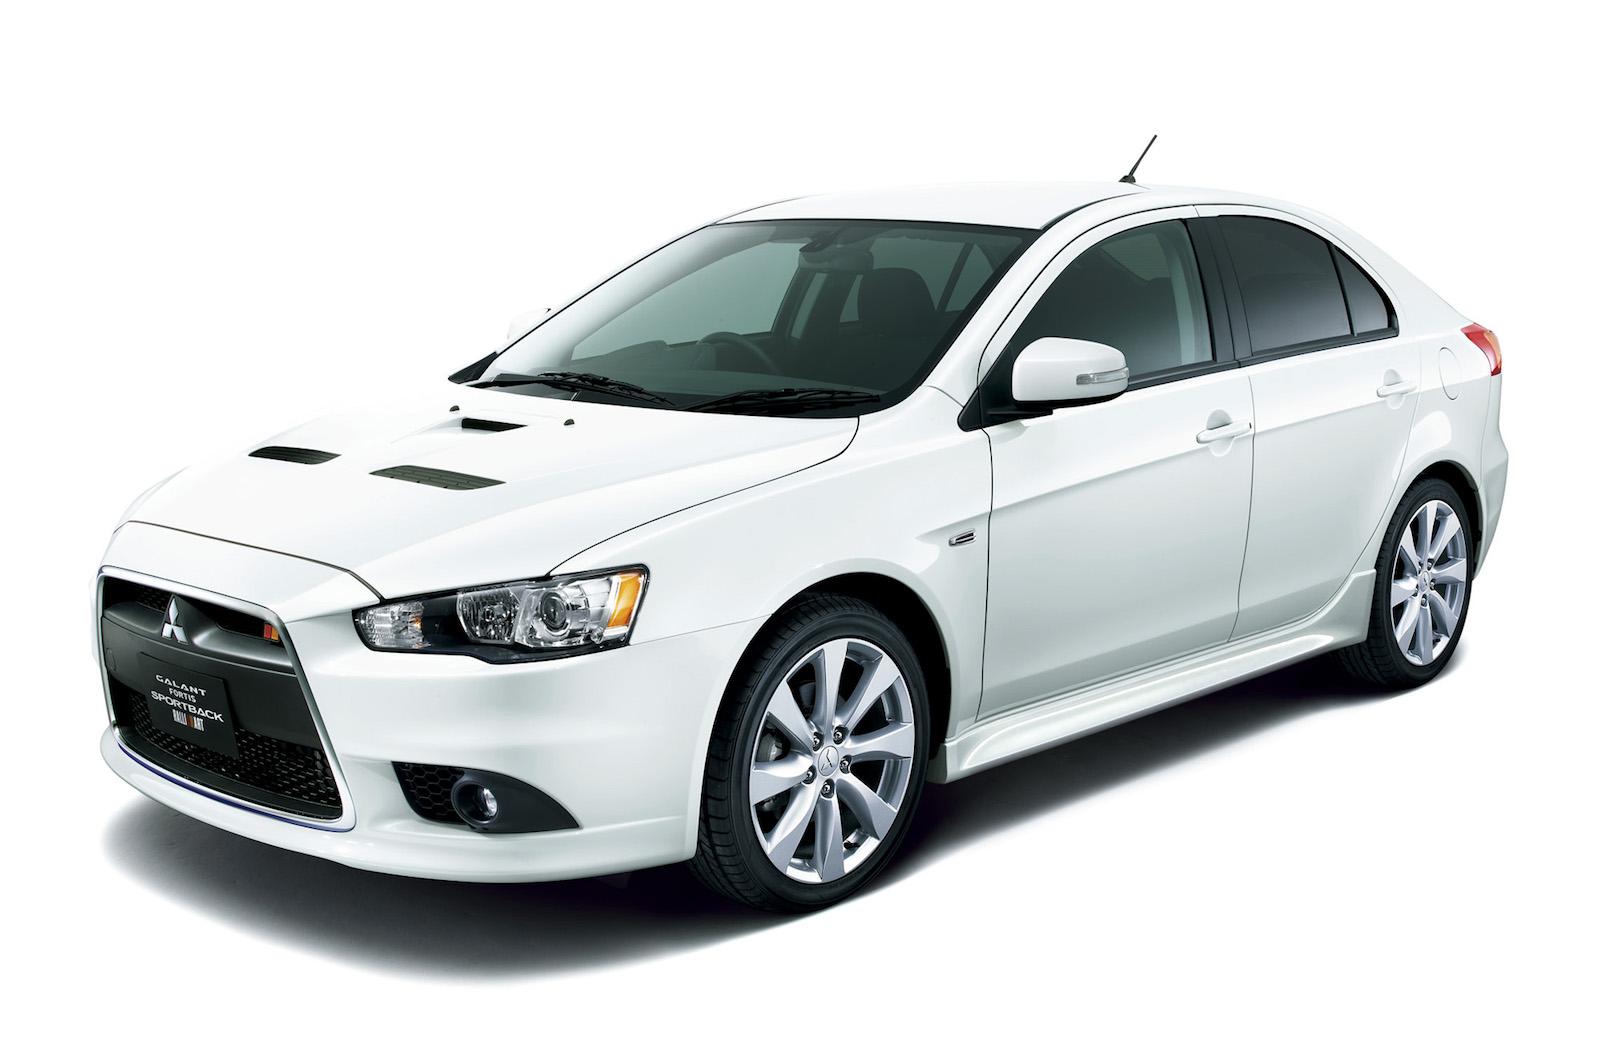 月収28万円の車好きにおすすめしたい車4選